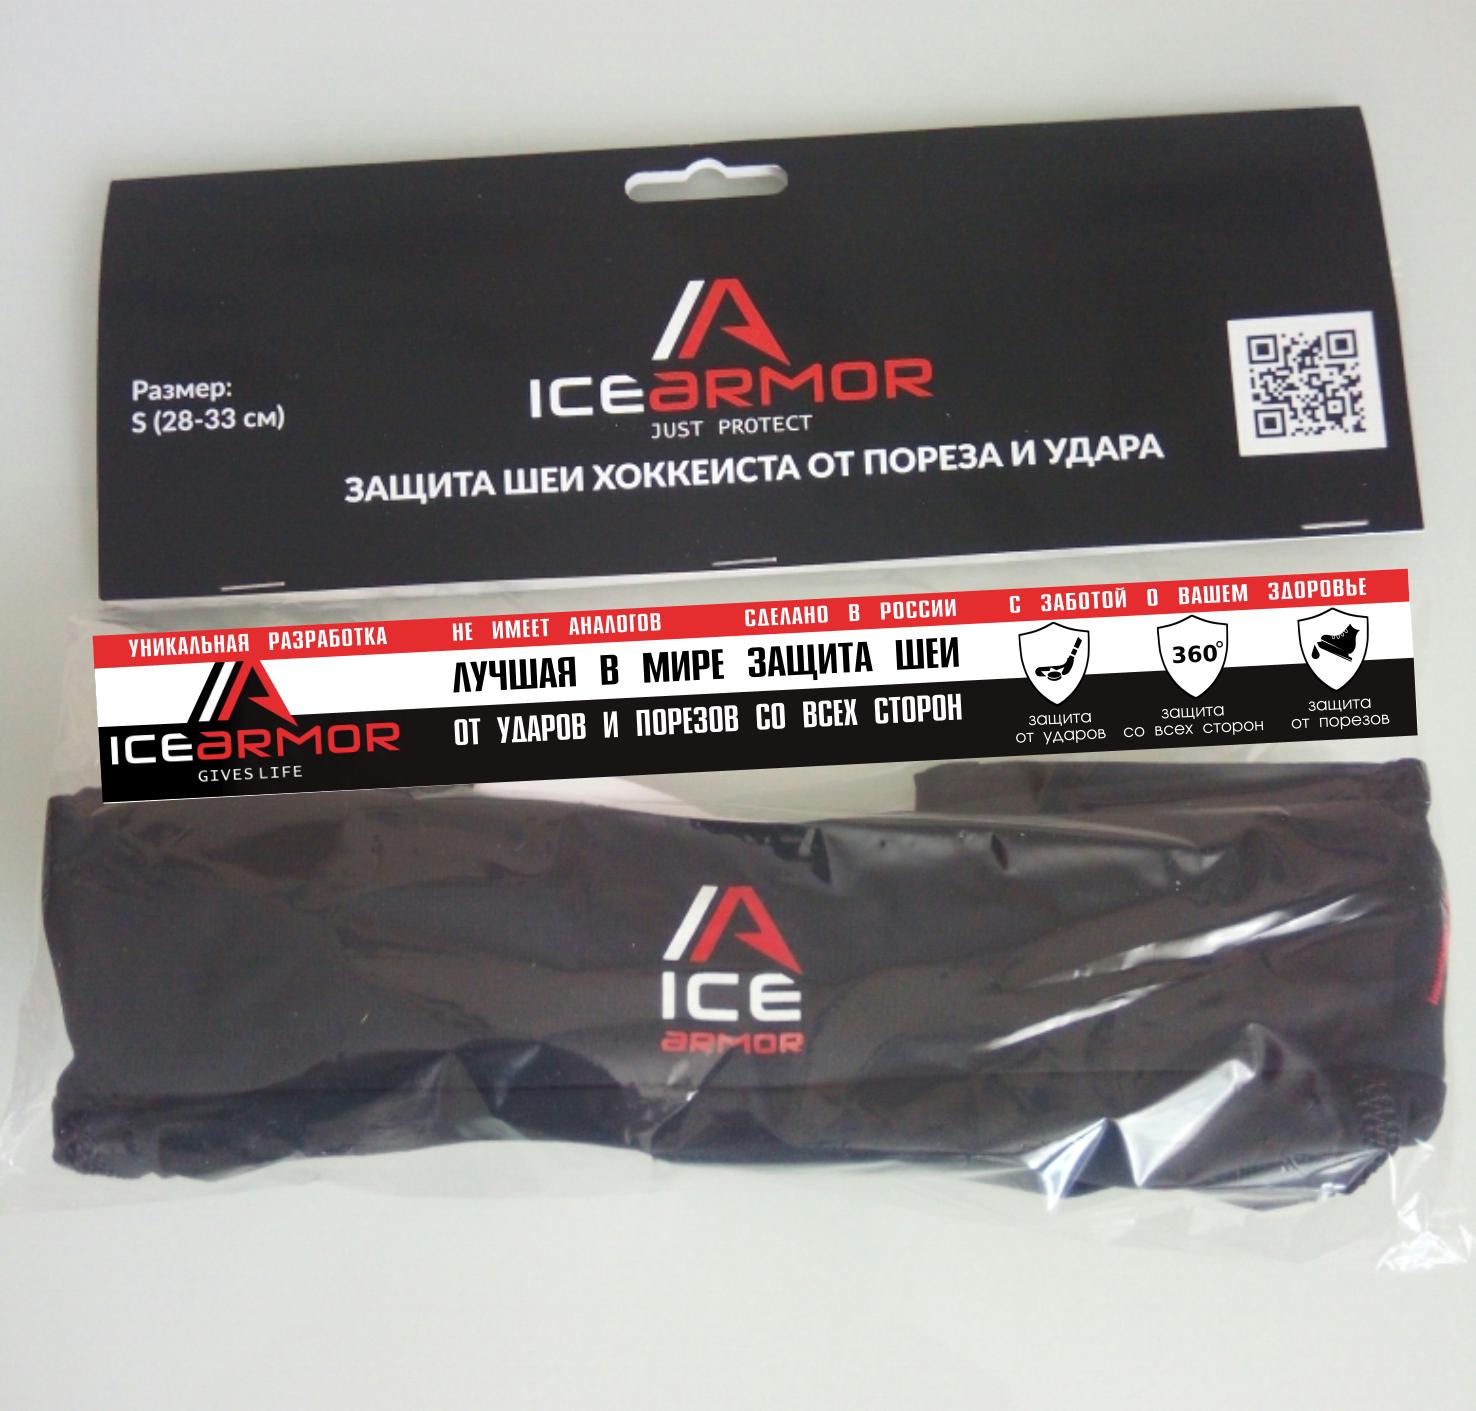 Дизайн продающей наклейки на упаковку уникального продукта фото f_5575b220b14a5614.png